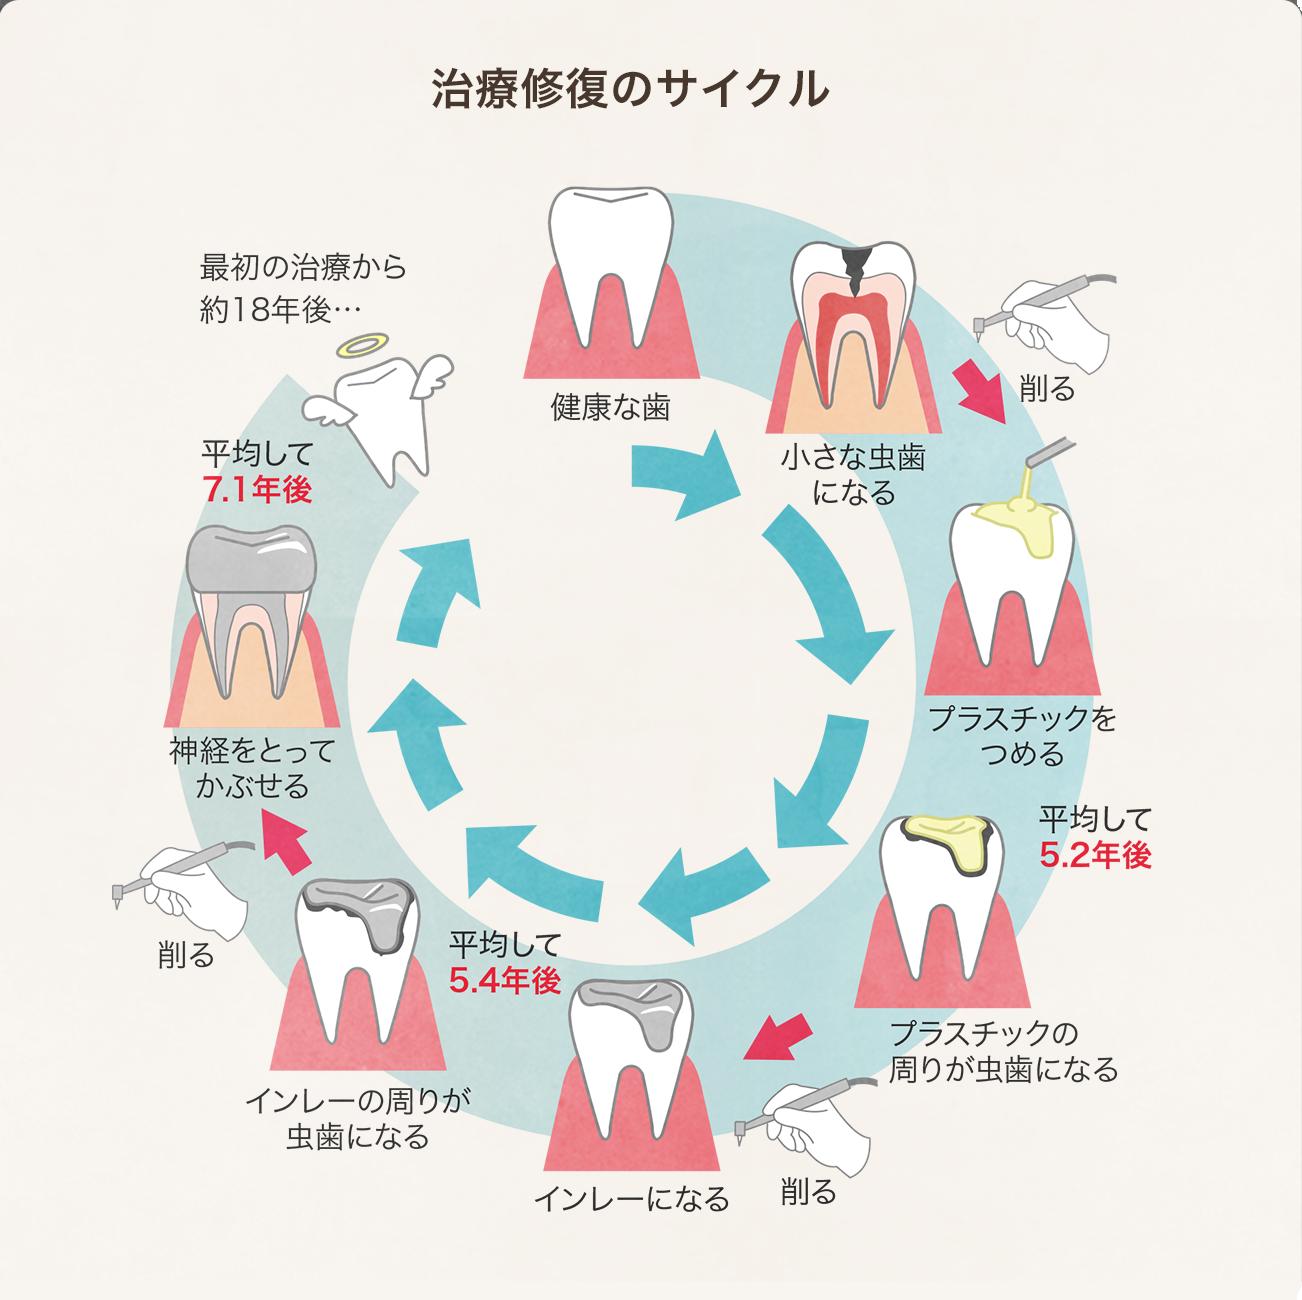 治療修復のサイクル図